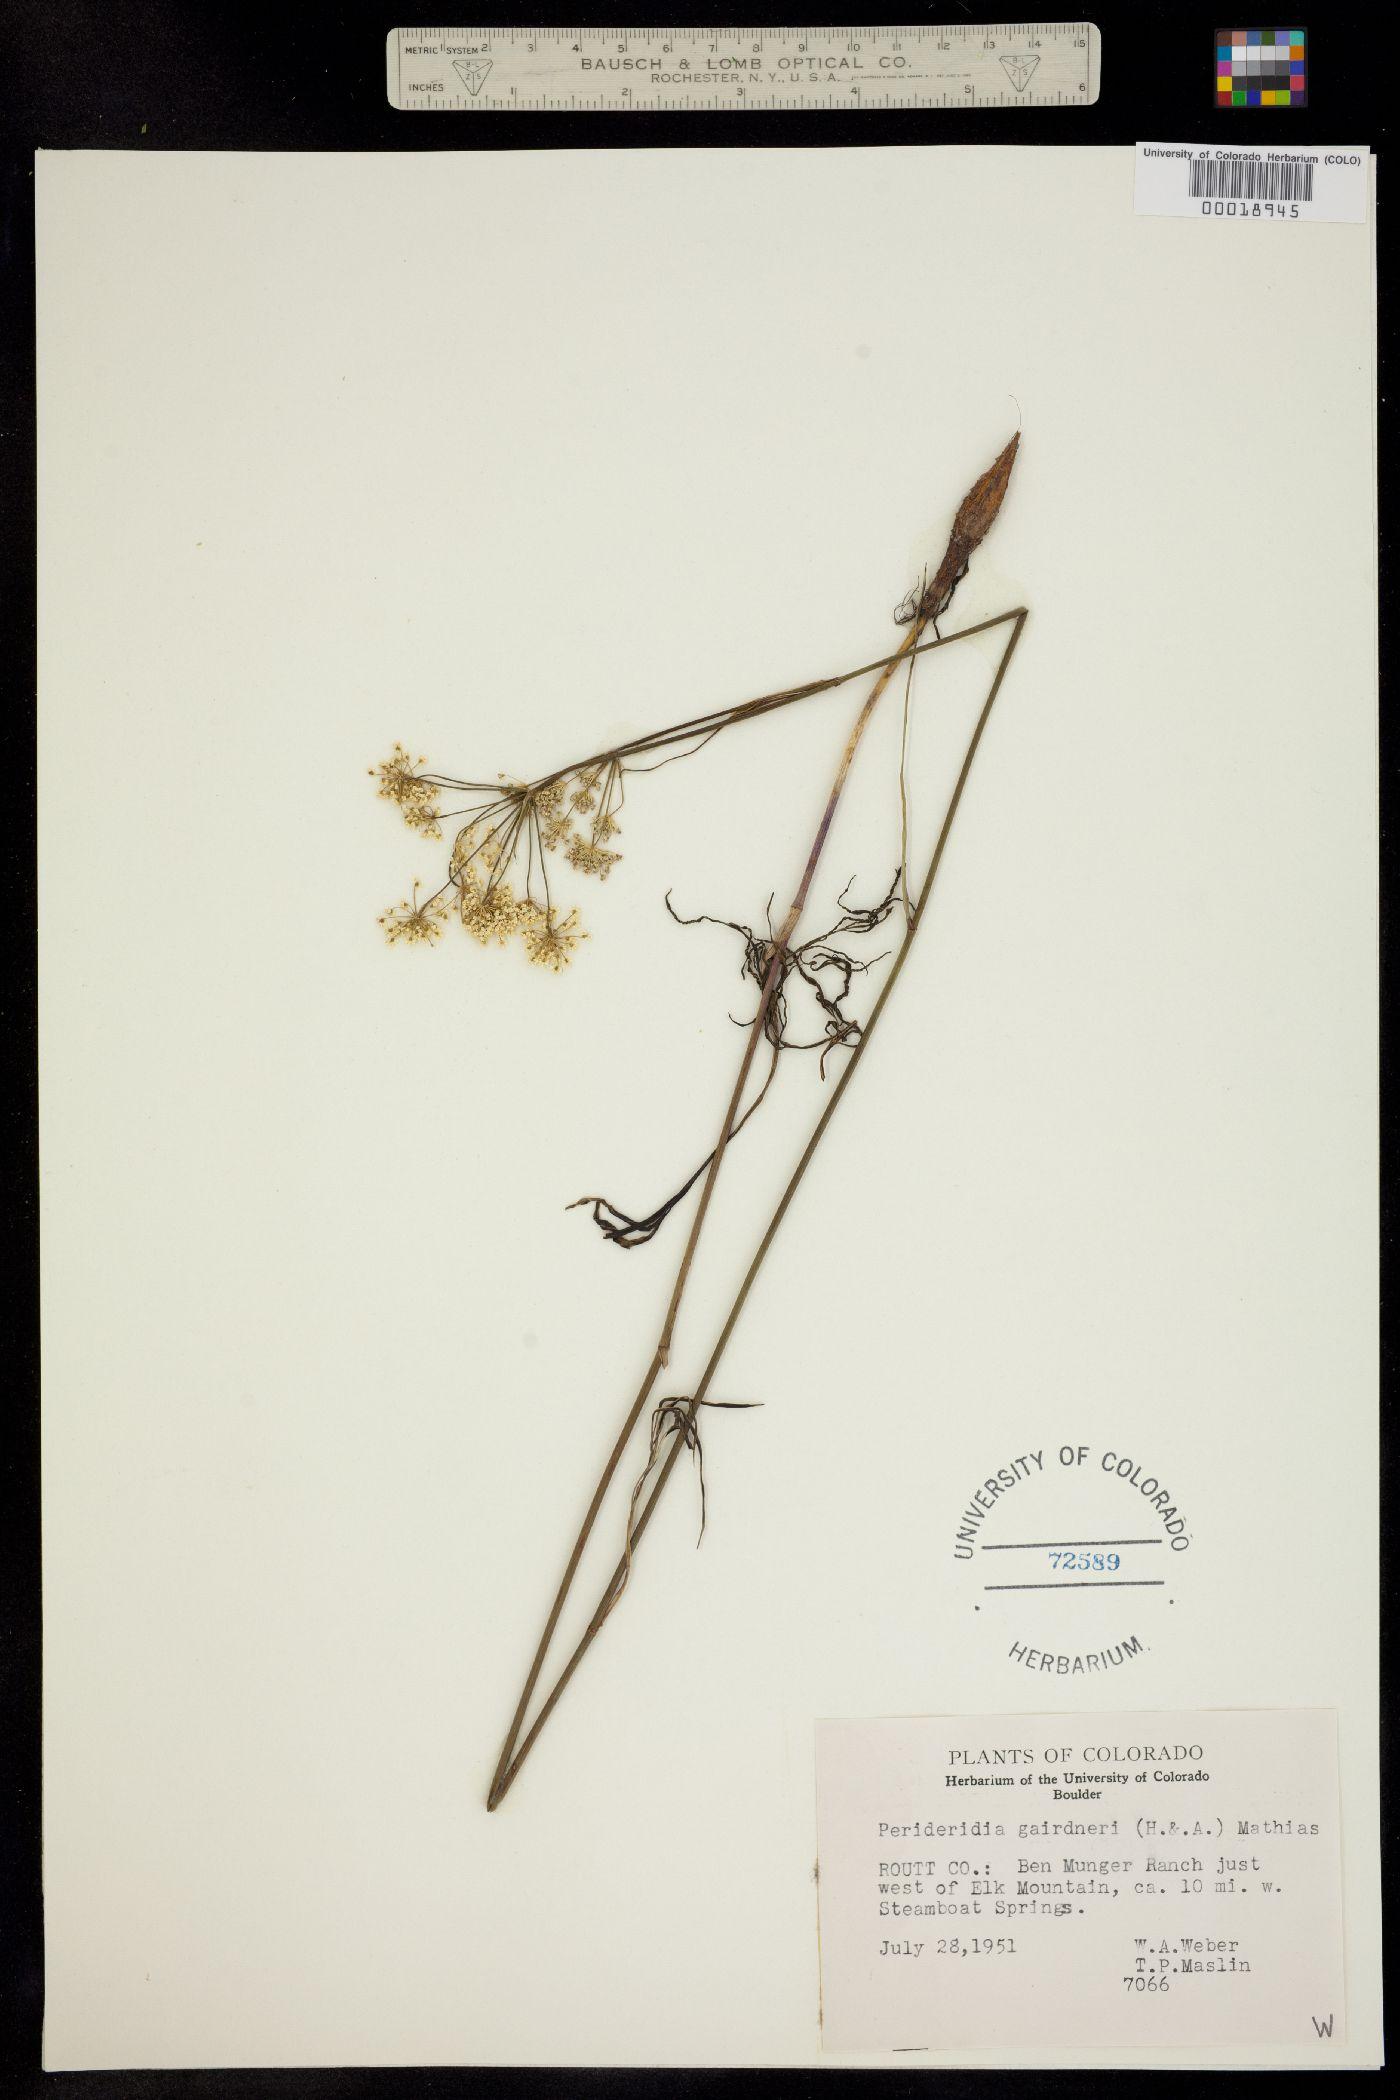 Perideridia gairdneri ssp. borealis image